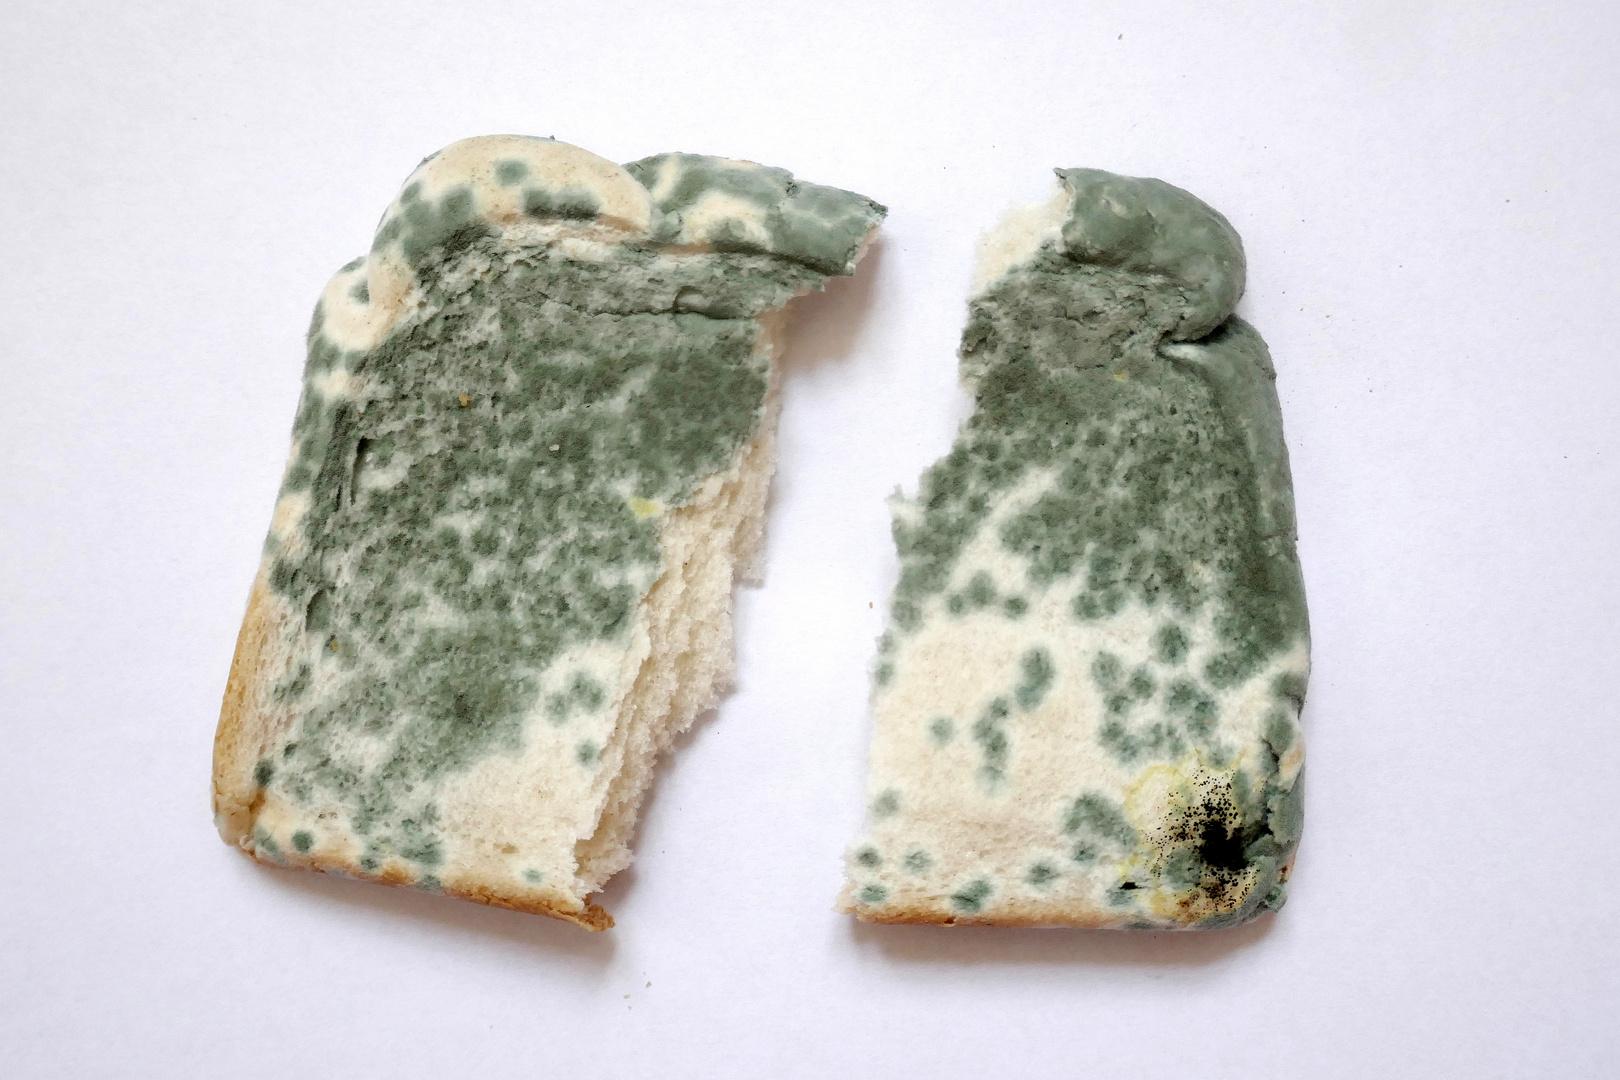 ich teile mein letztes Brot mit euch, ja, so bin ich